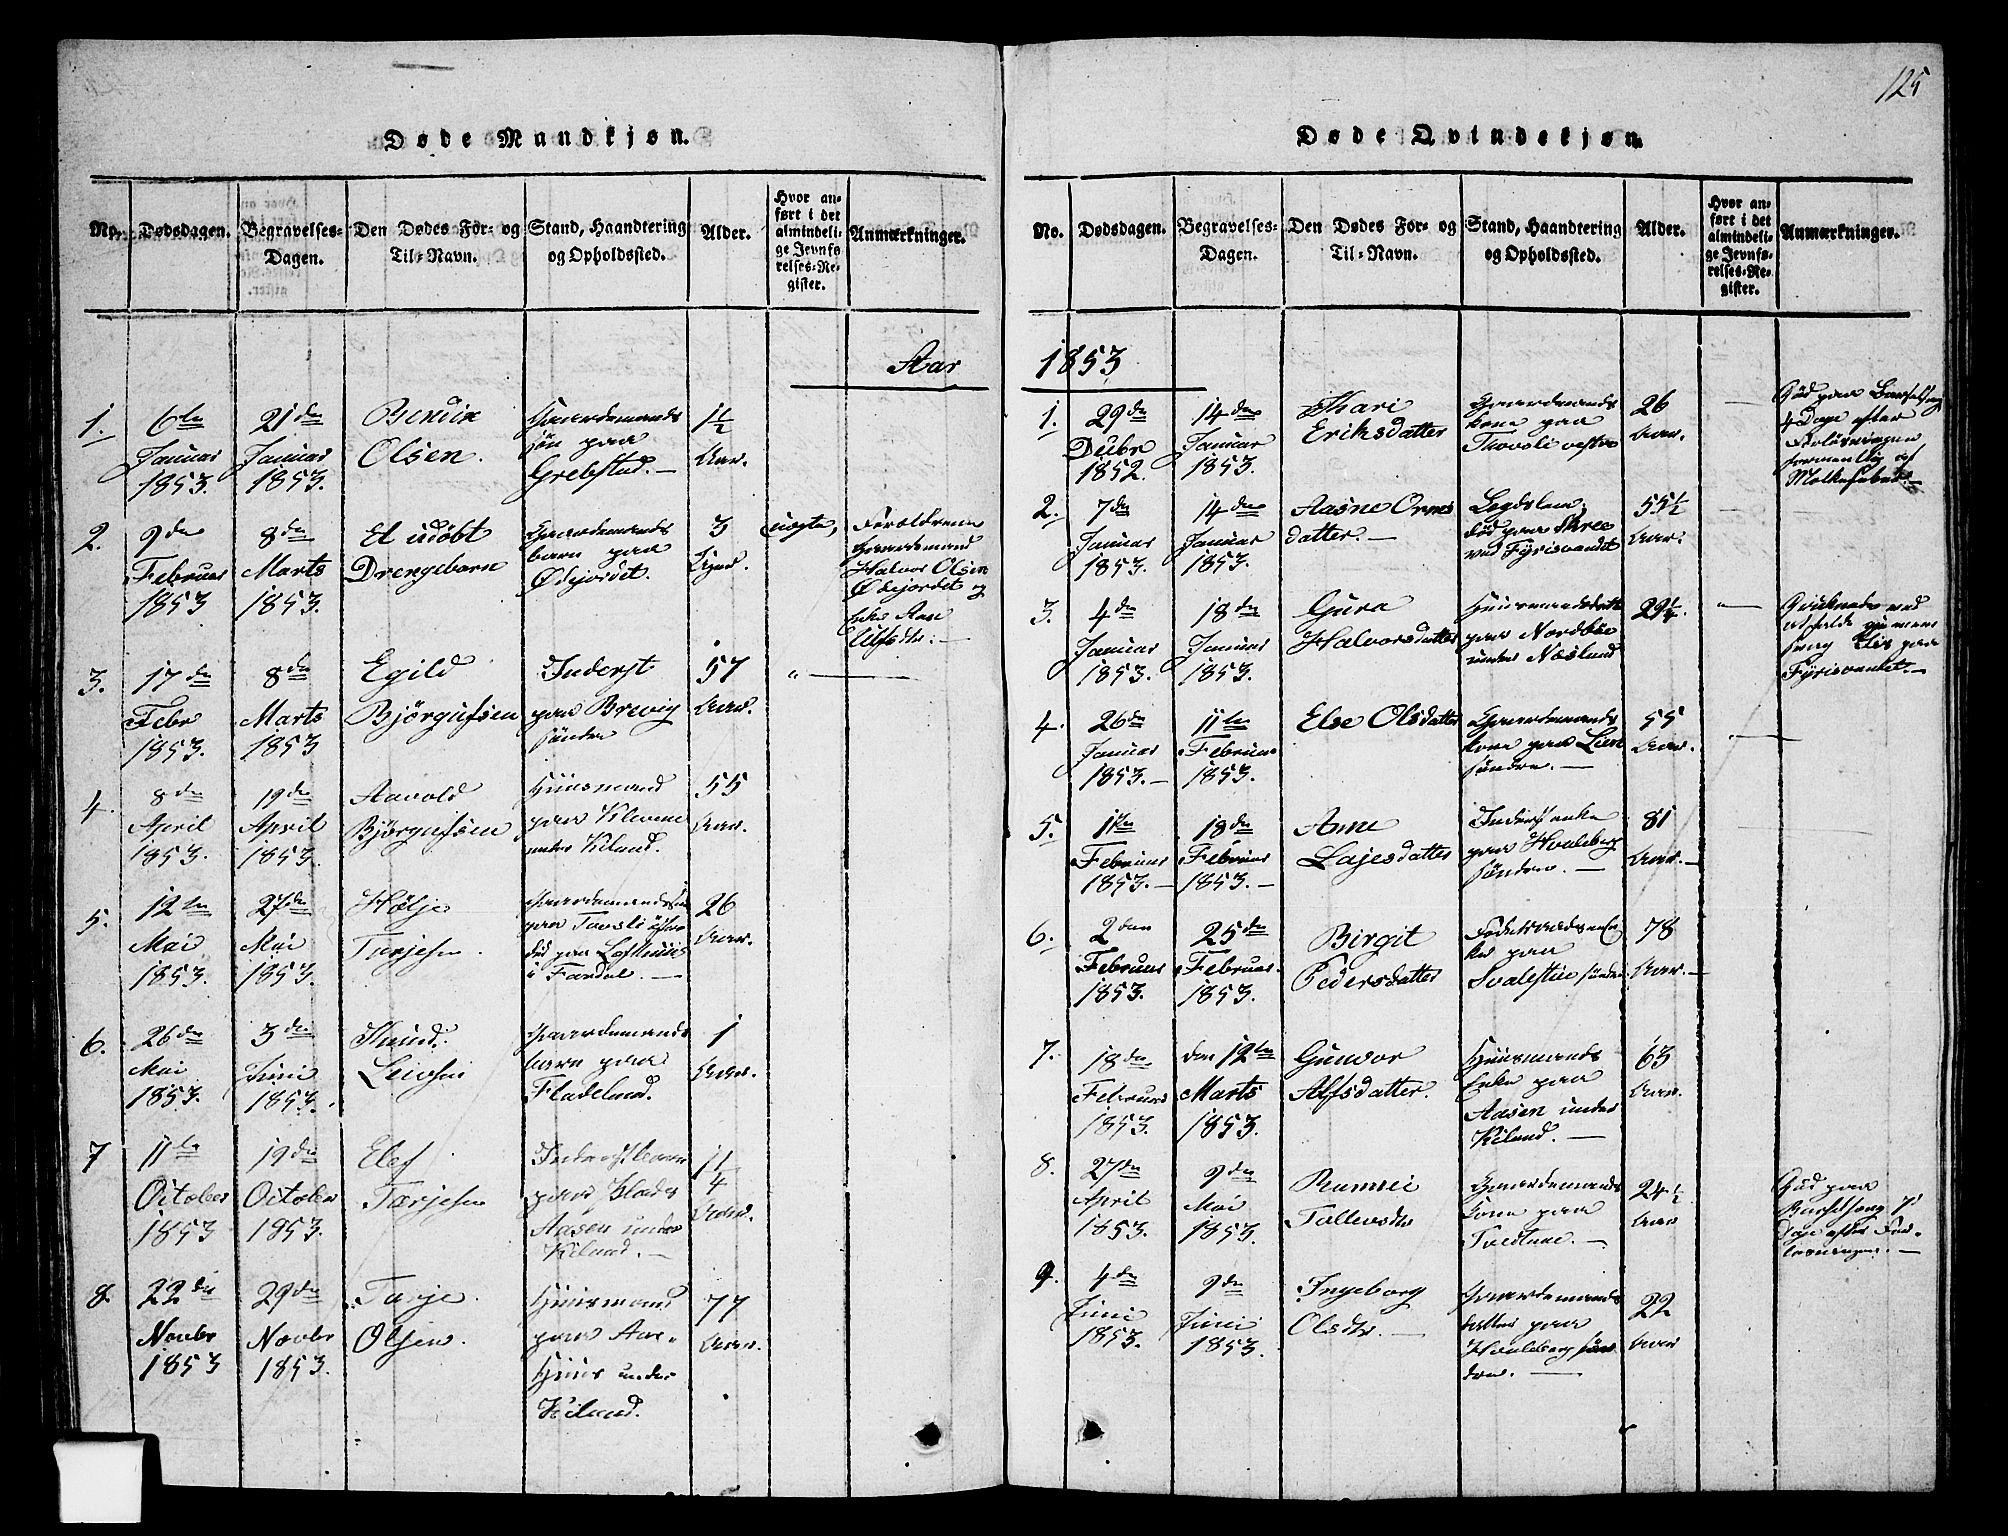 SAKO, Fyresdal kirkebøker, G/Ga/L0002: Klokkerbok nr. I 2, 1815-1857, s. 125